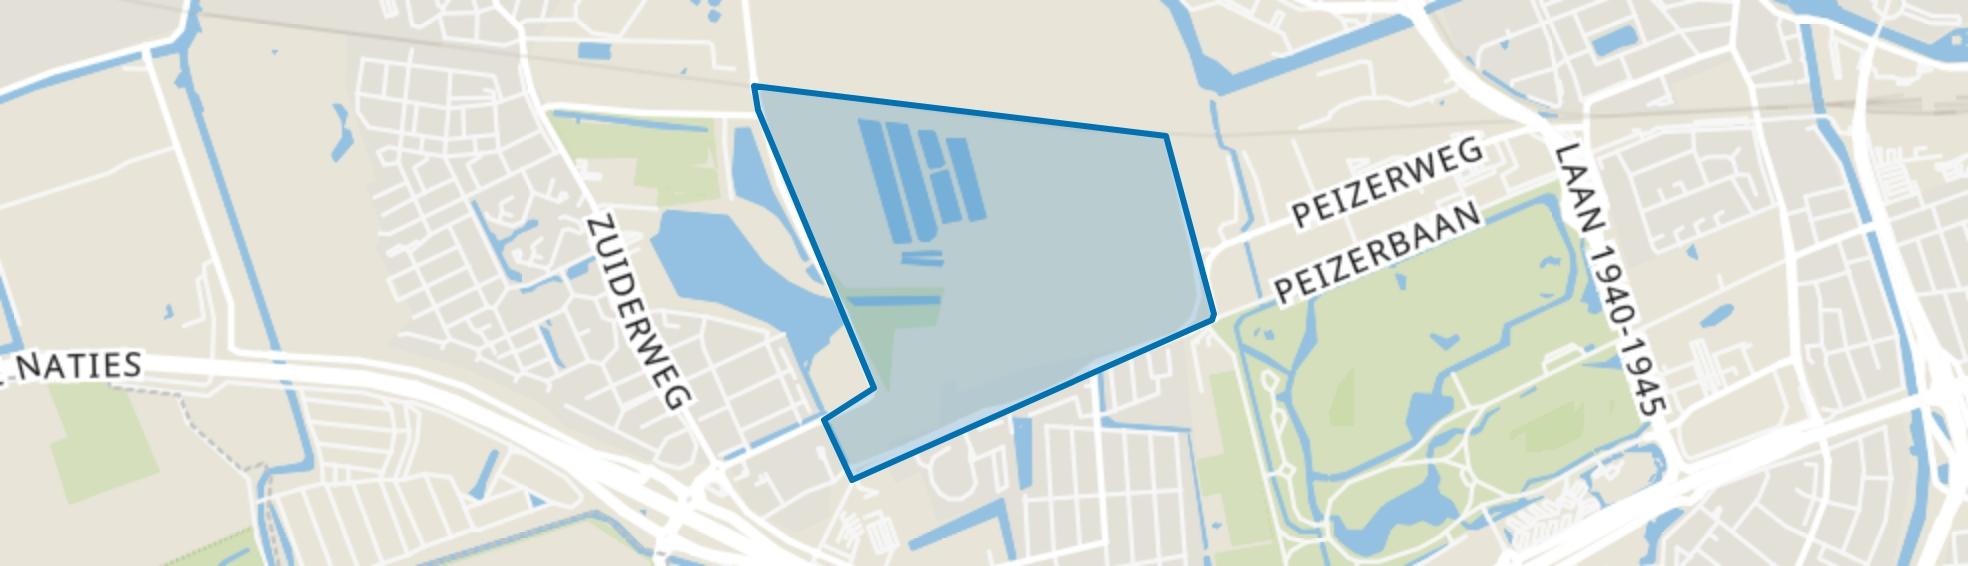 Bangeweer, Groningen map